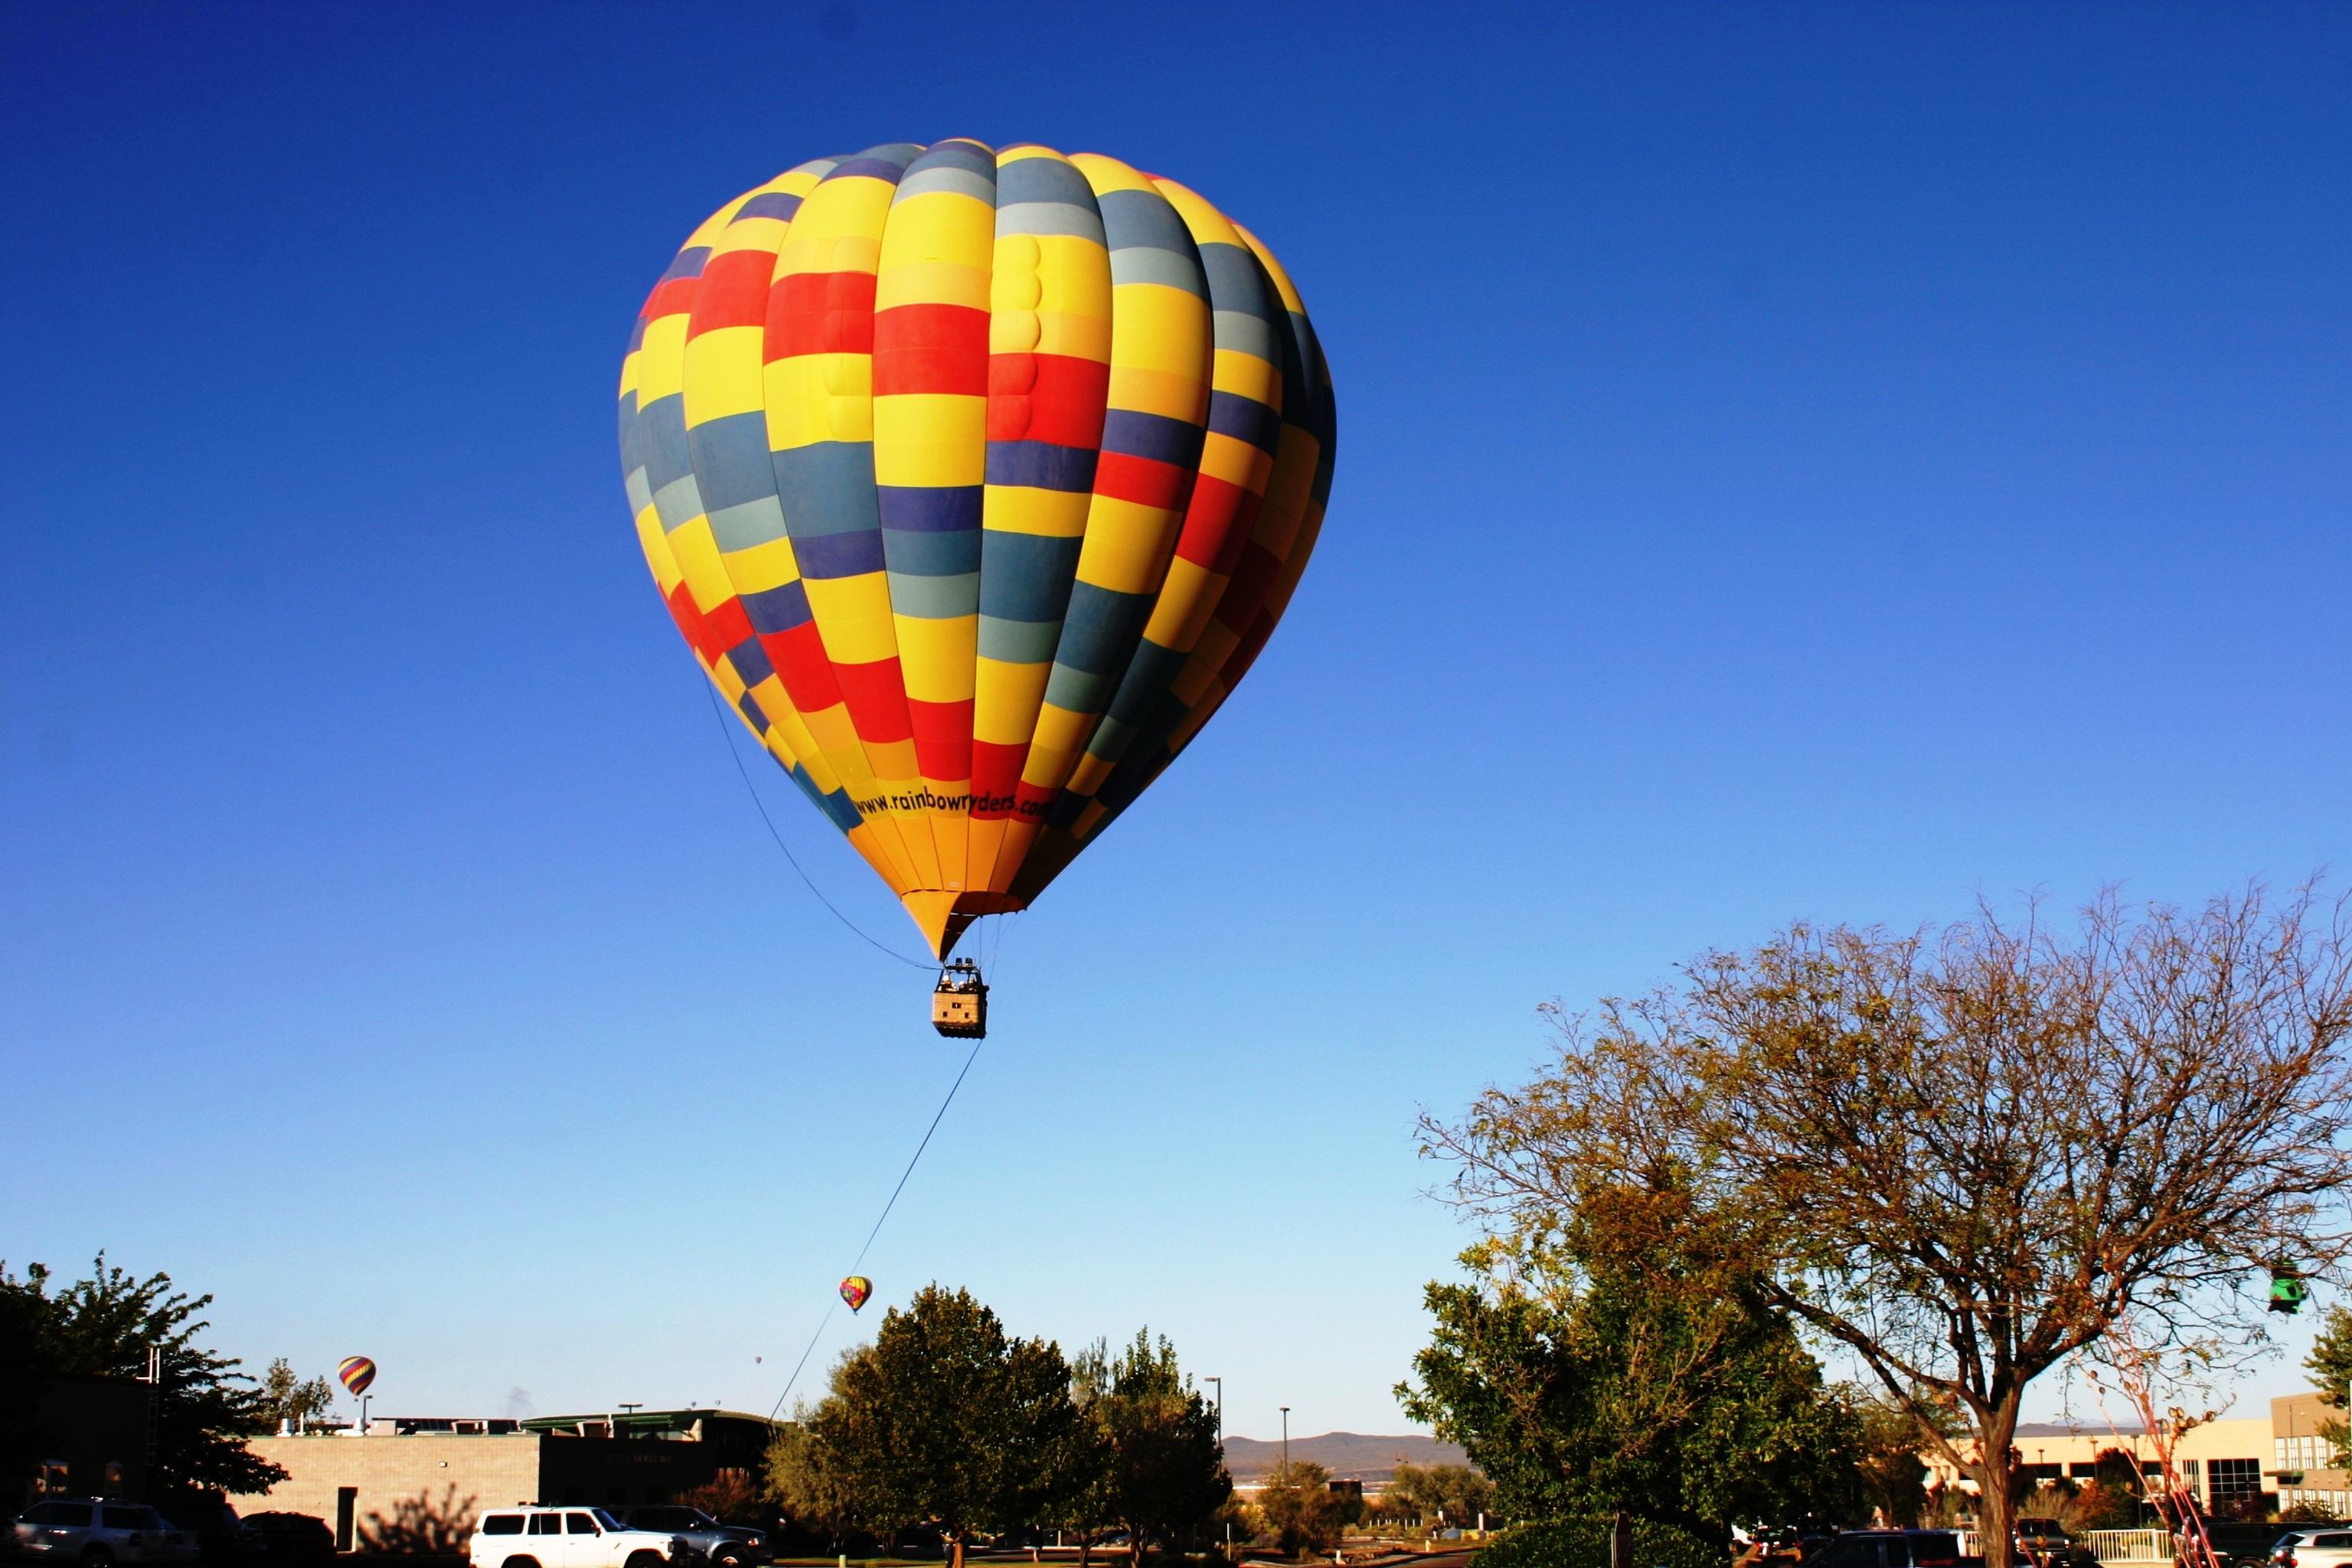 воздушный шар с корзиной фото златом теперь промышляют